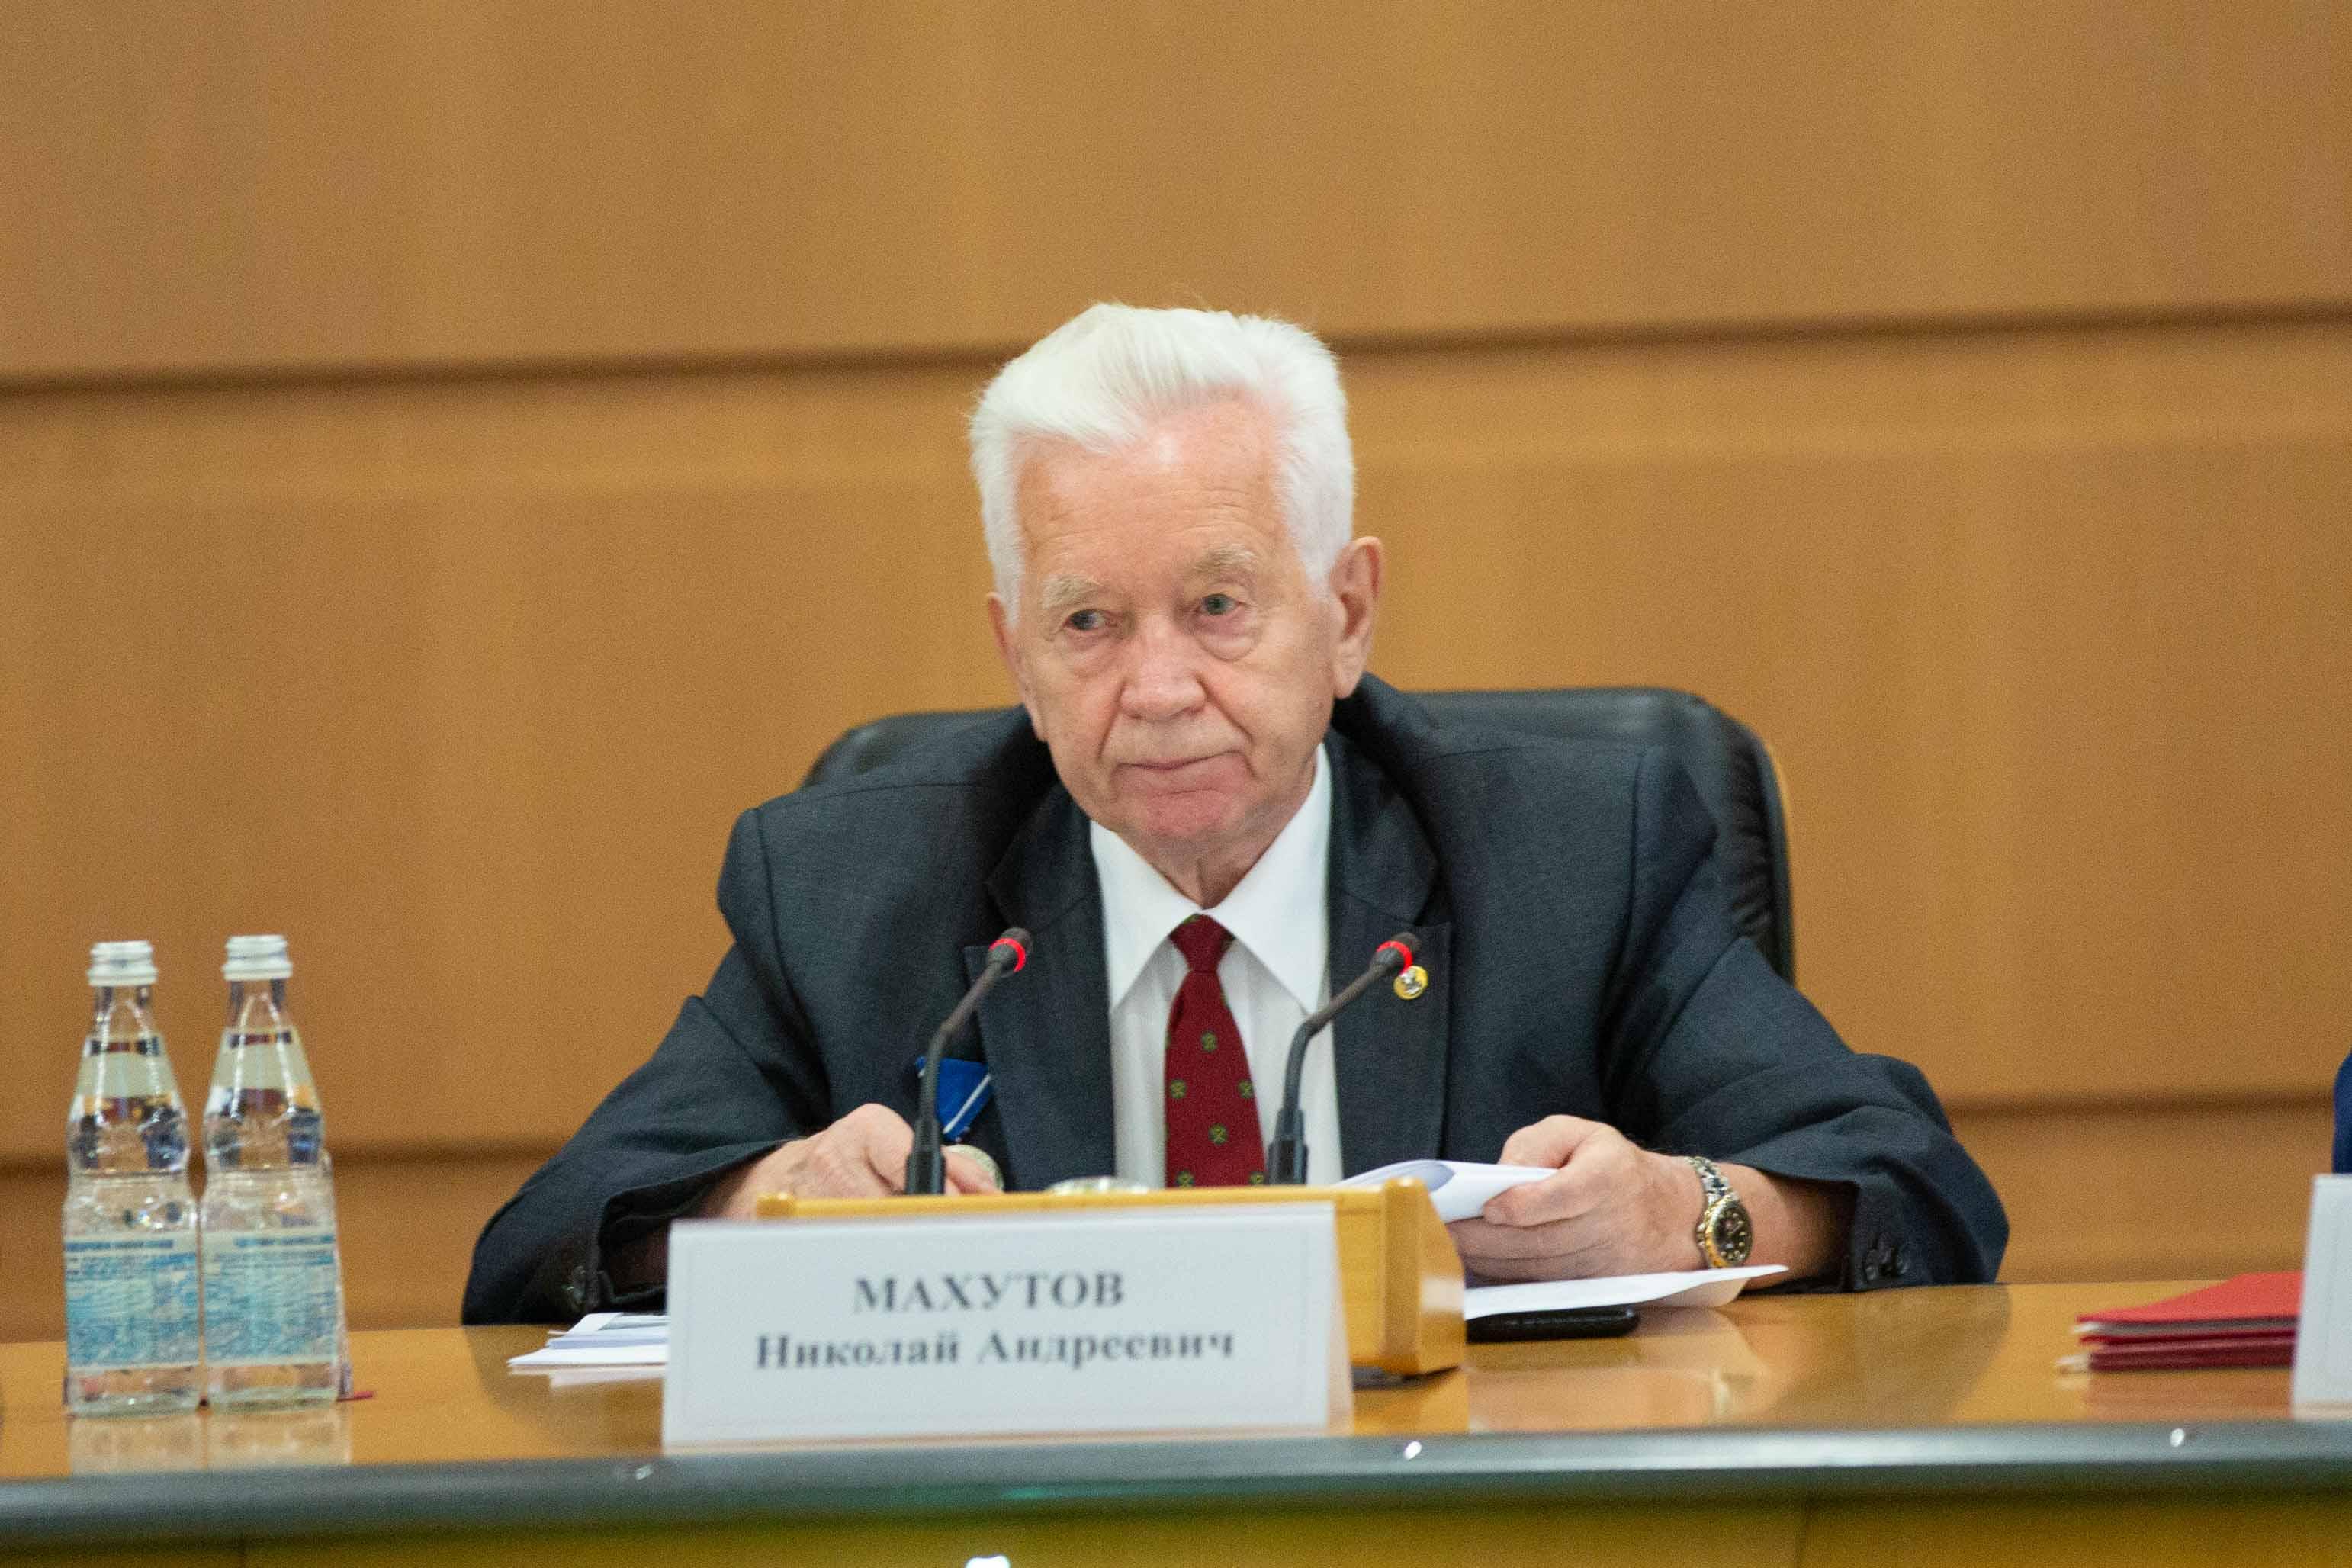 Николай Махутов